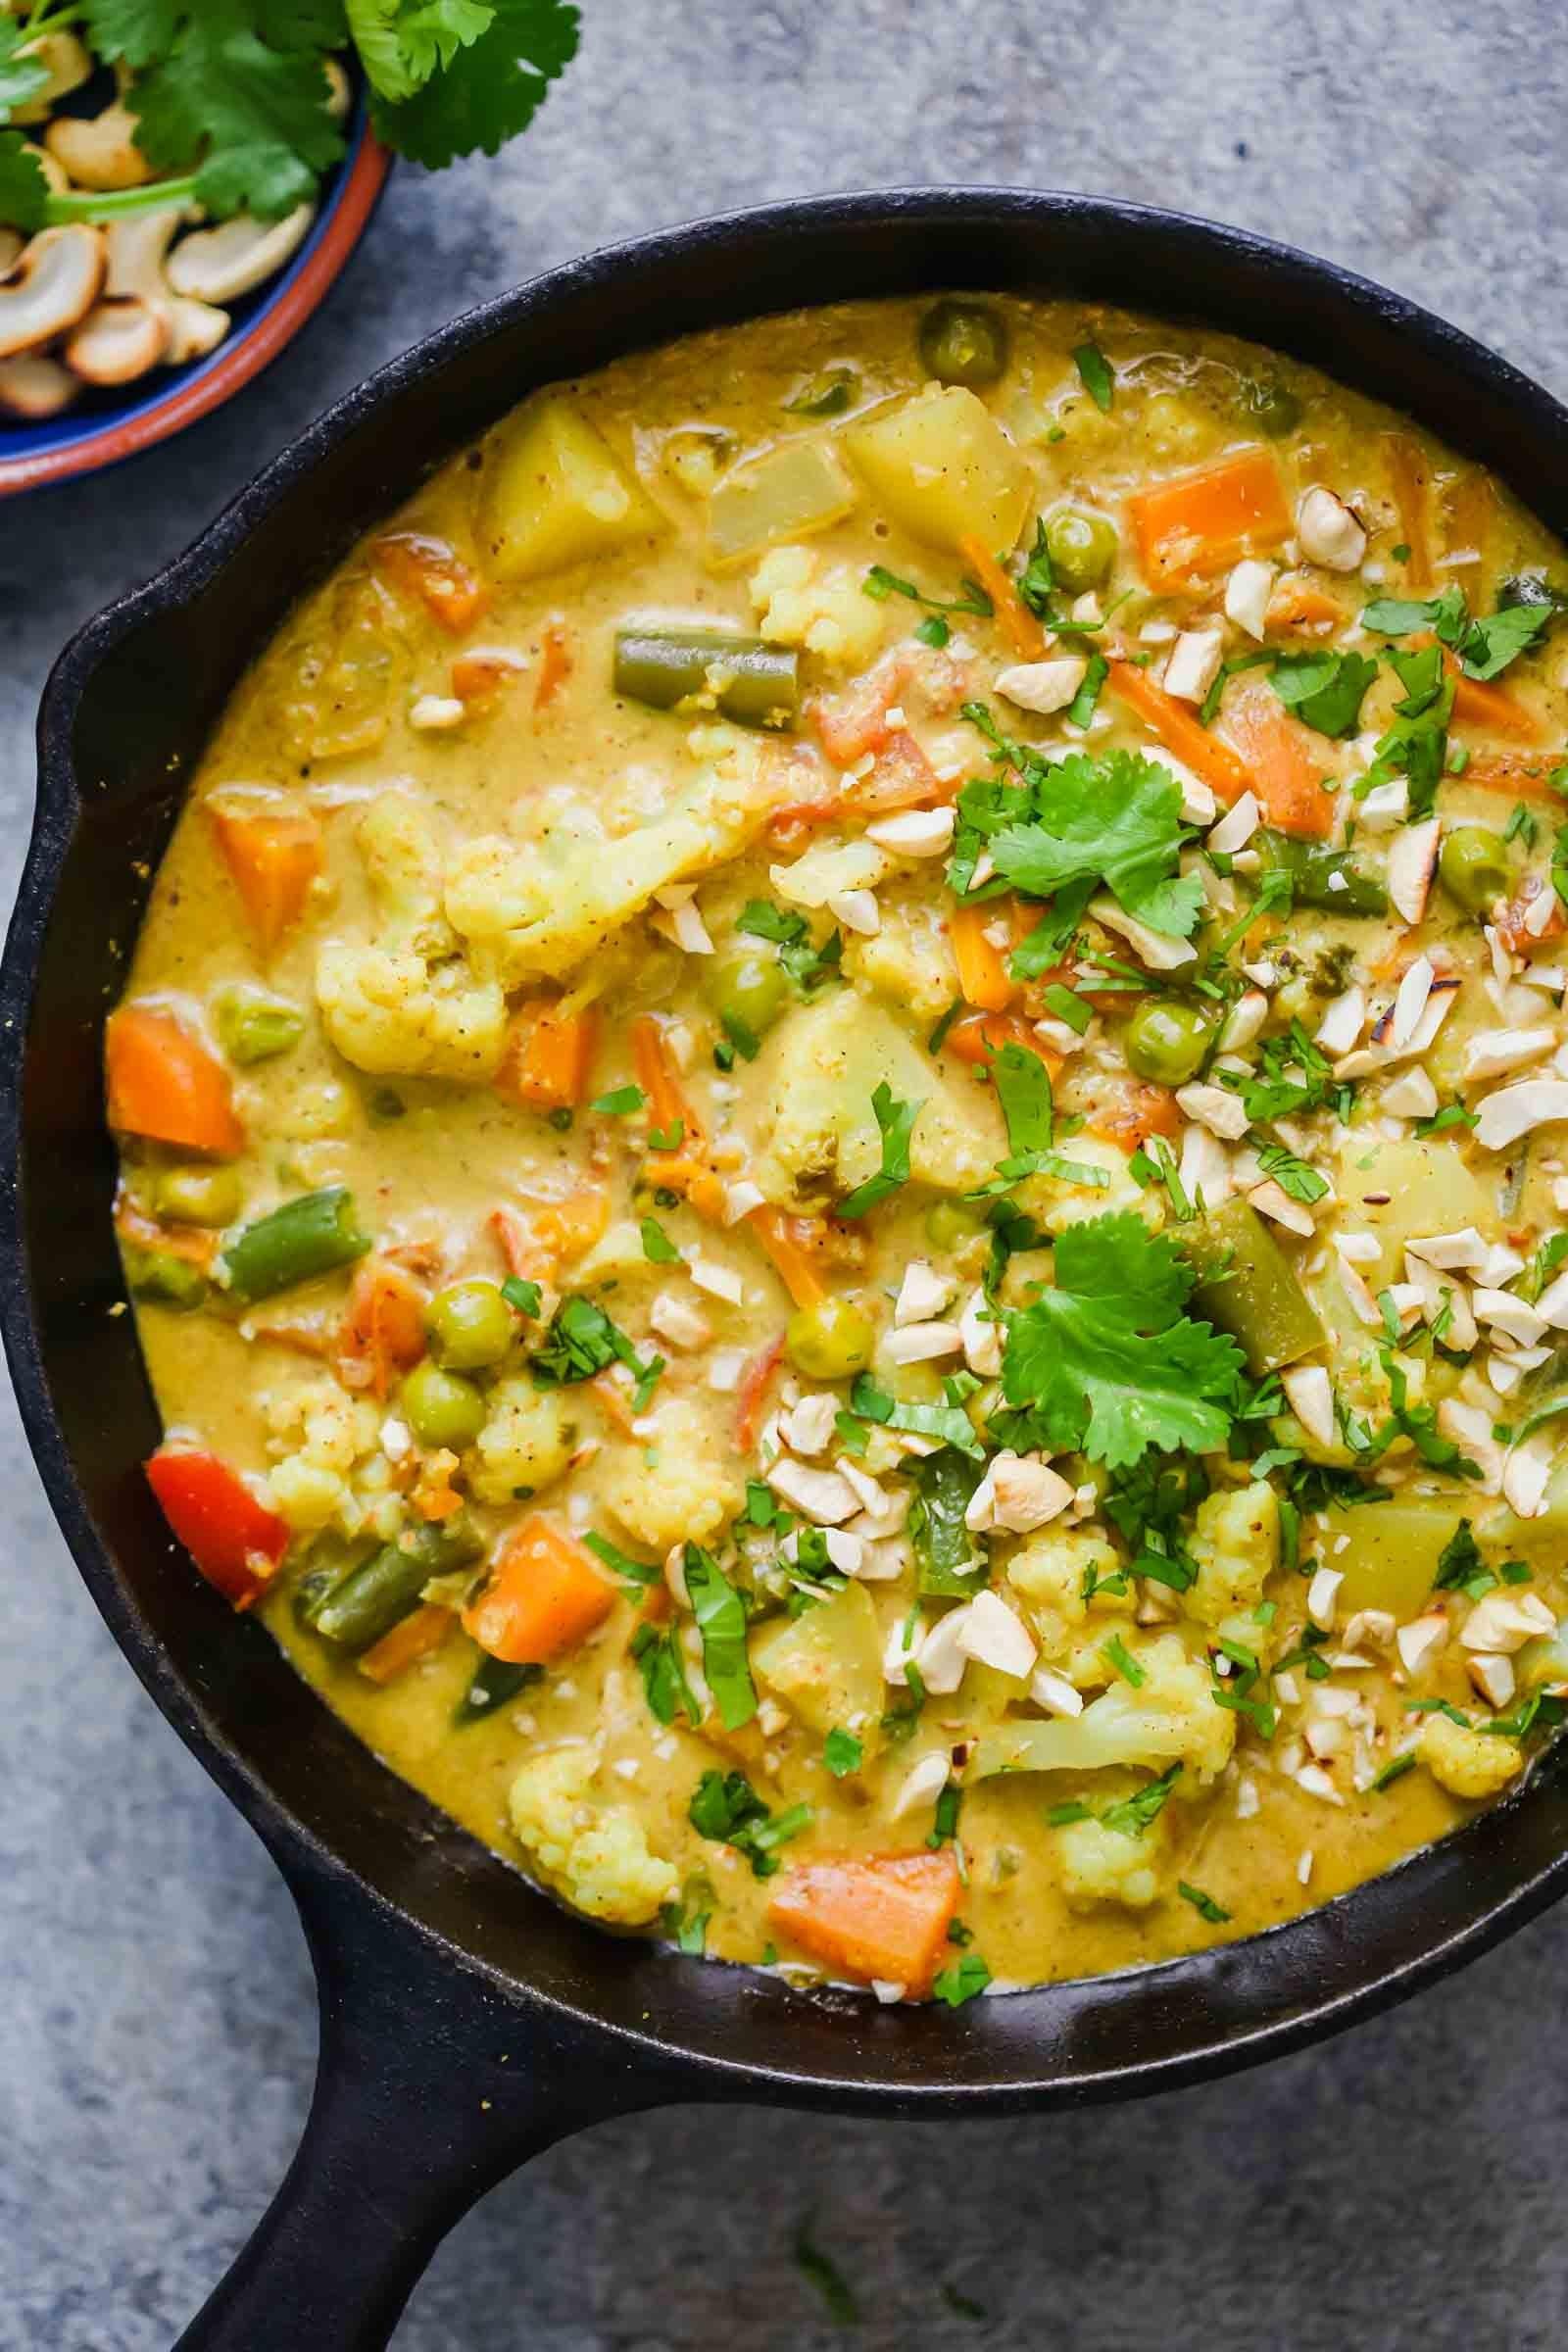 أكلات هندية نباتية - طريقة عمل طبق الكورما الهندي